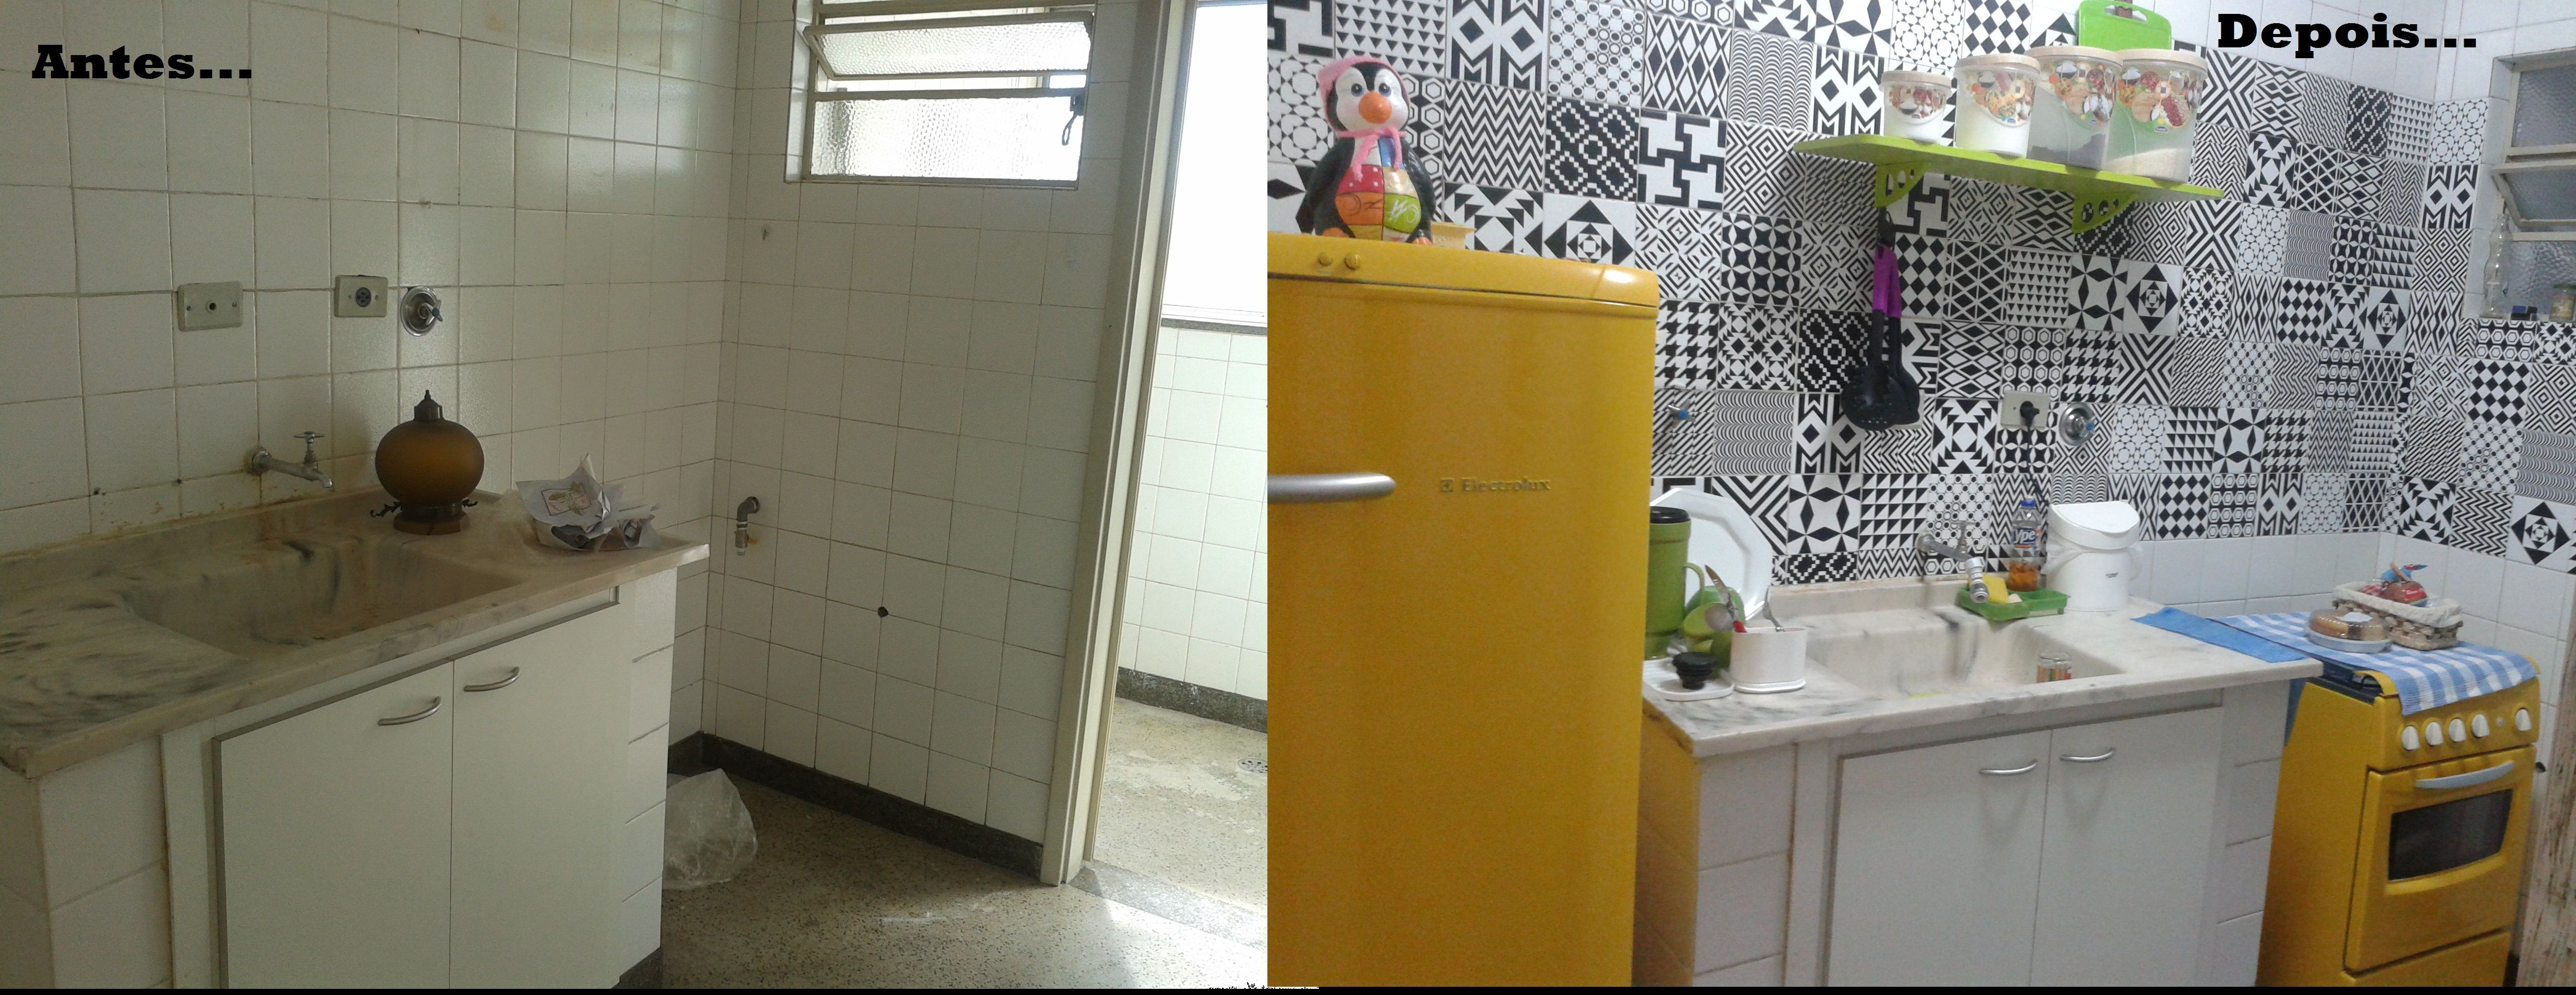 Cozinha reformada com azulejo hidráulico e pintura nos